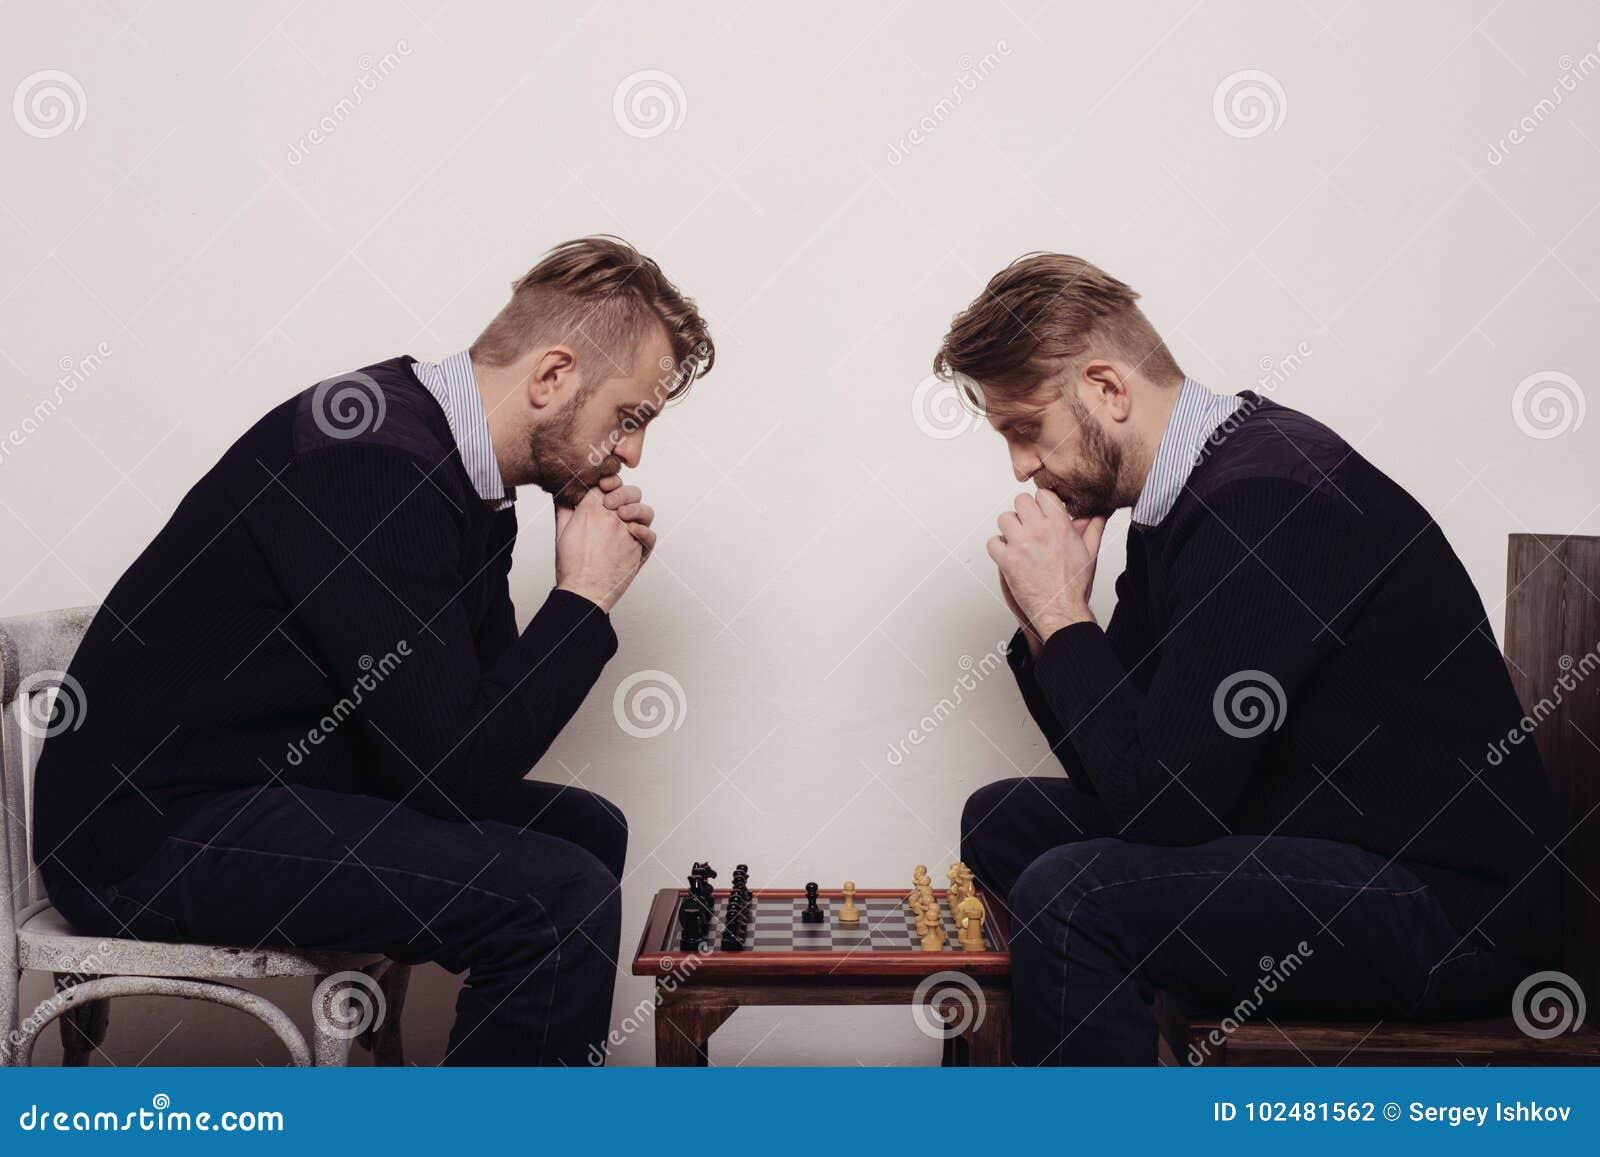 Σκάκι παιχνιδιού ατόμων ενάντια σε τον